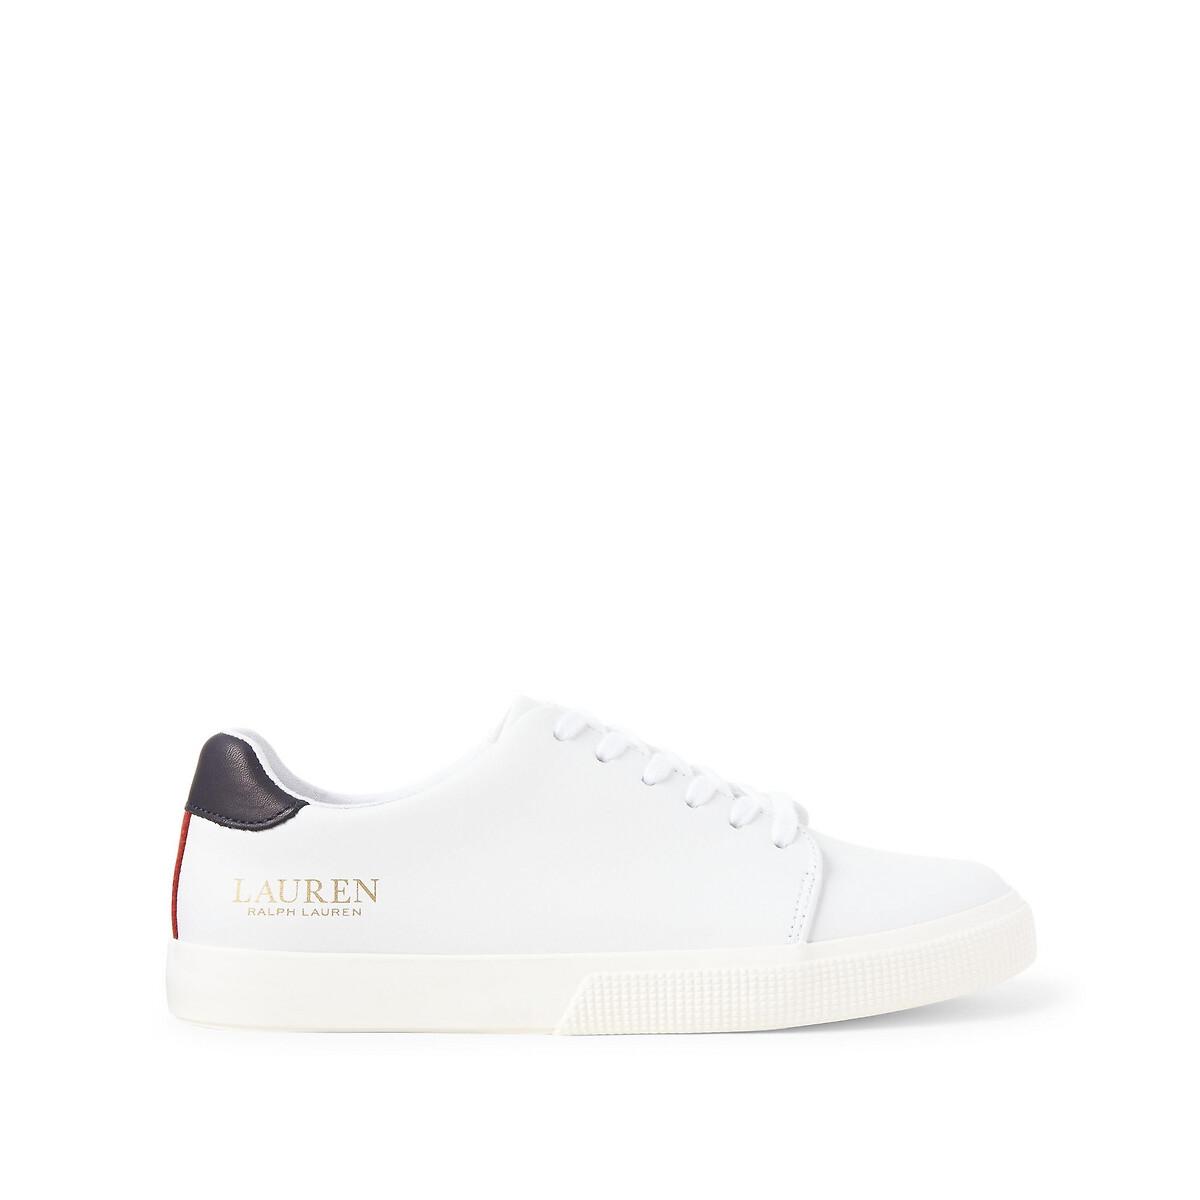 Кеды LaRedoute На шнуровке из кожи JOANA 37 белый кеды laredoute высокие тканевые на шнуровке 39 белый